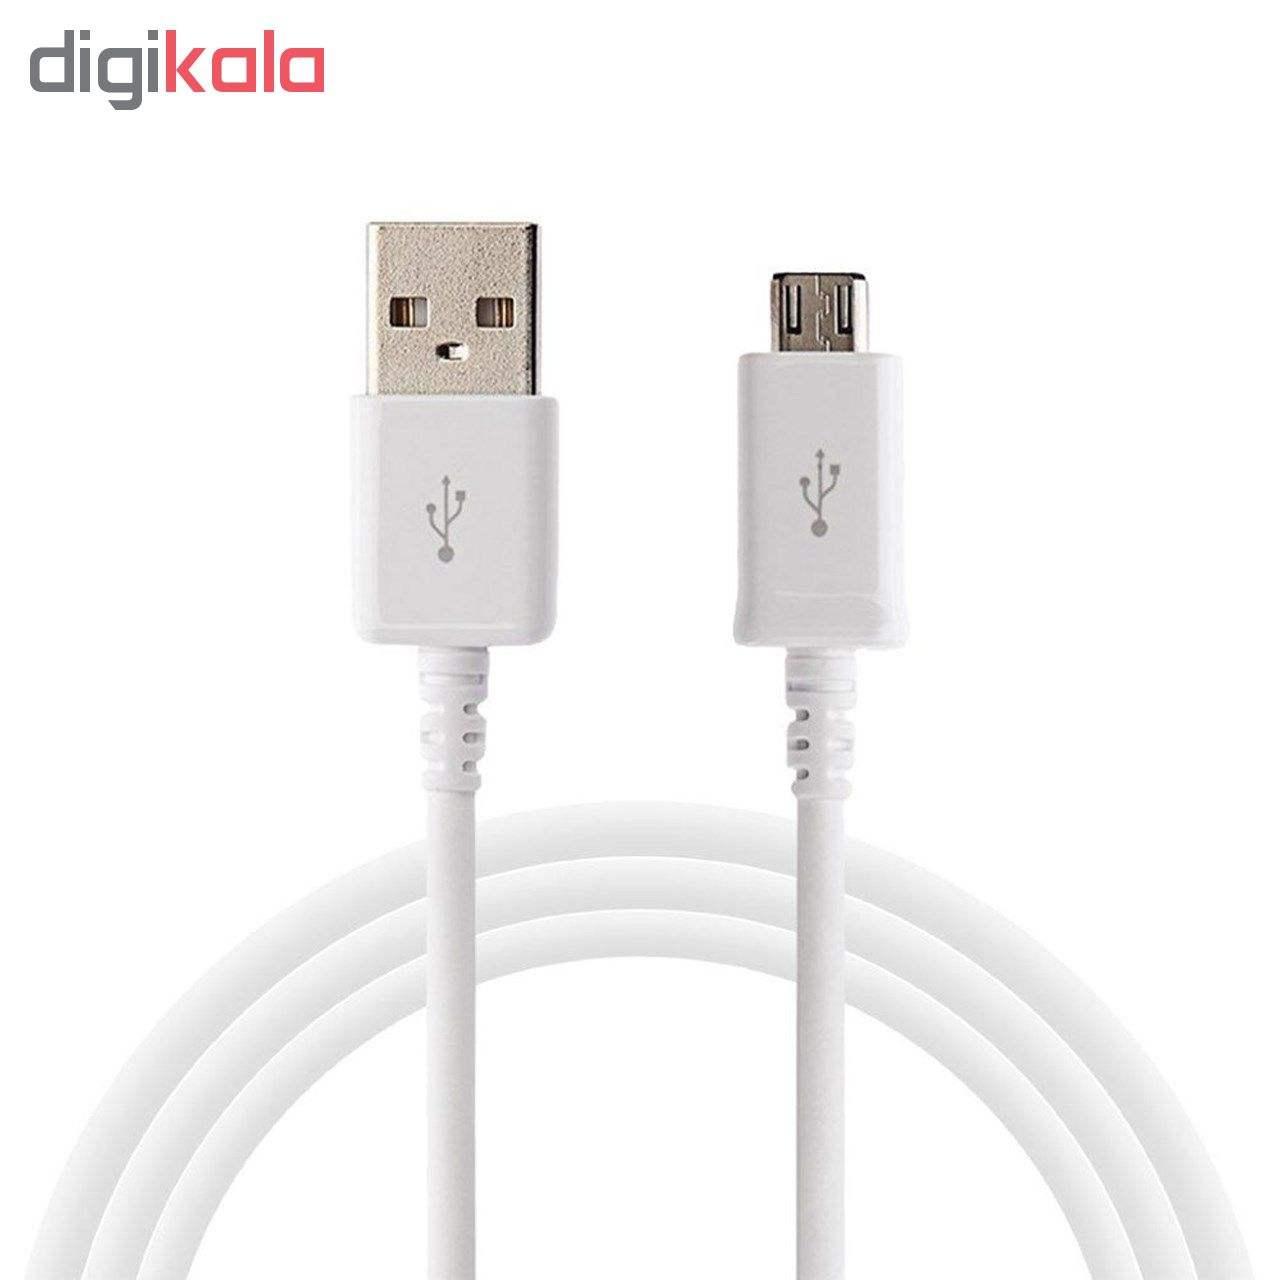 کابل تبدیل USB به microUSB مدل EP-DG925UWZ طول 1.2 متر main 1 1